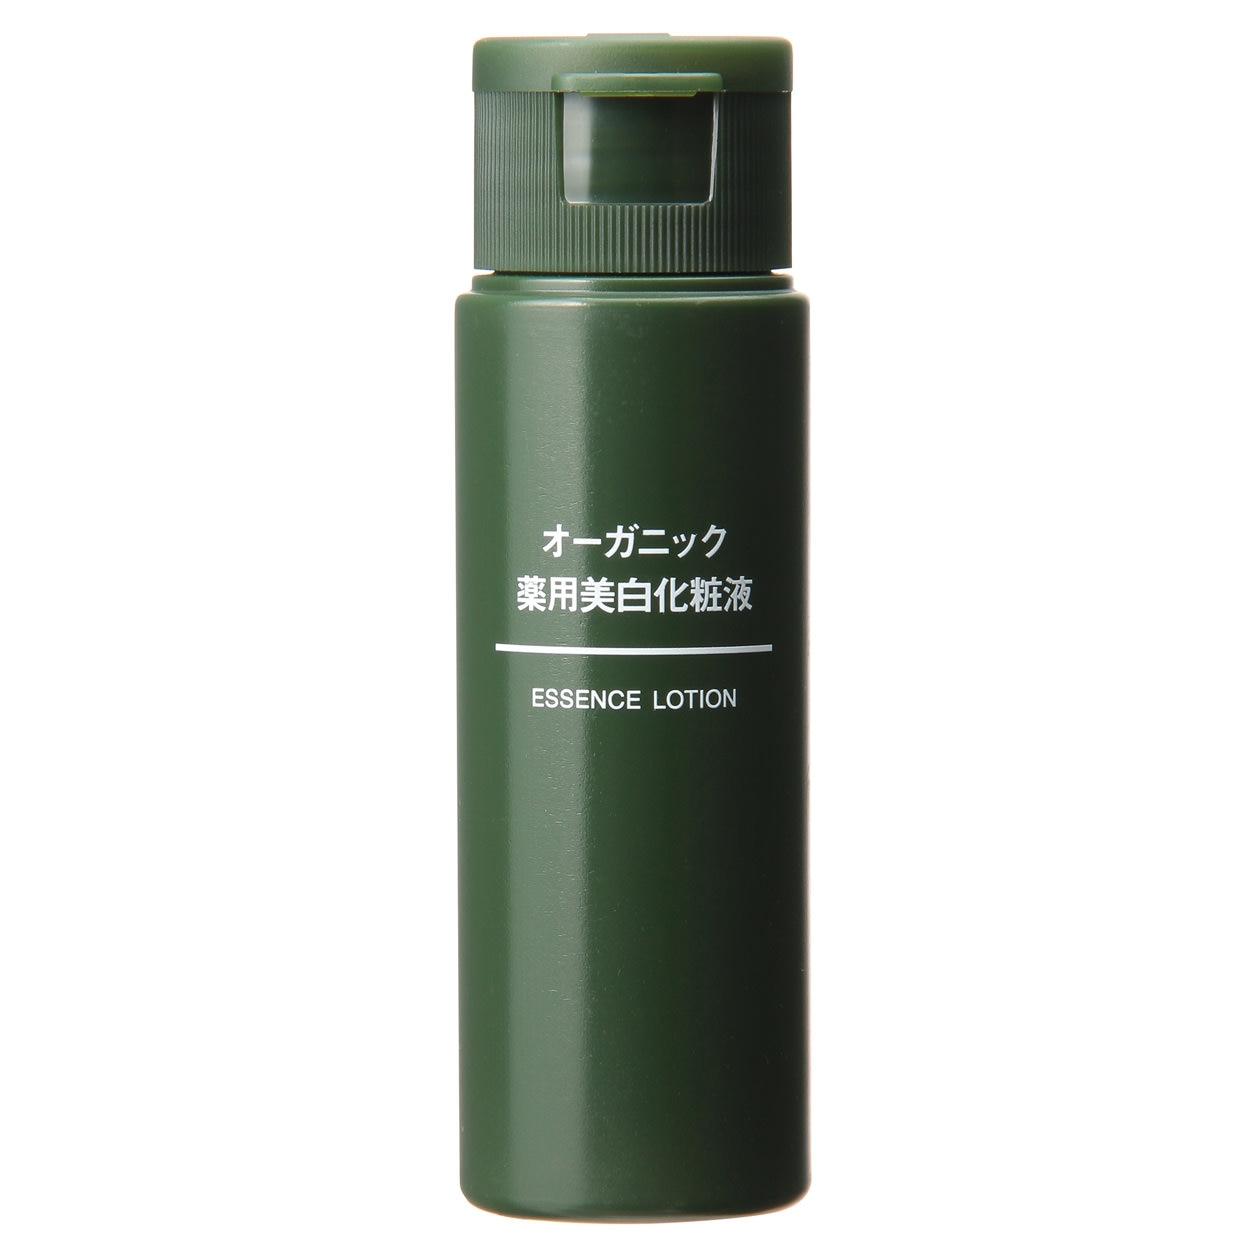 オーガニック薬用美白化粧液(携帯用)